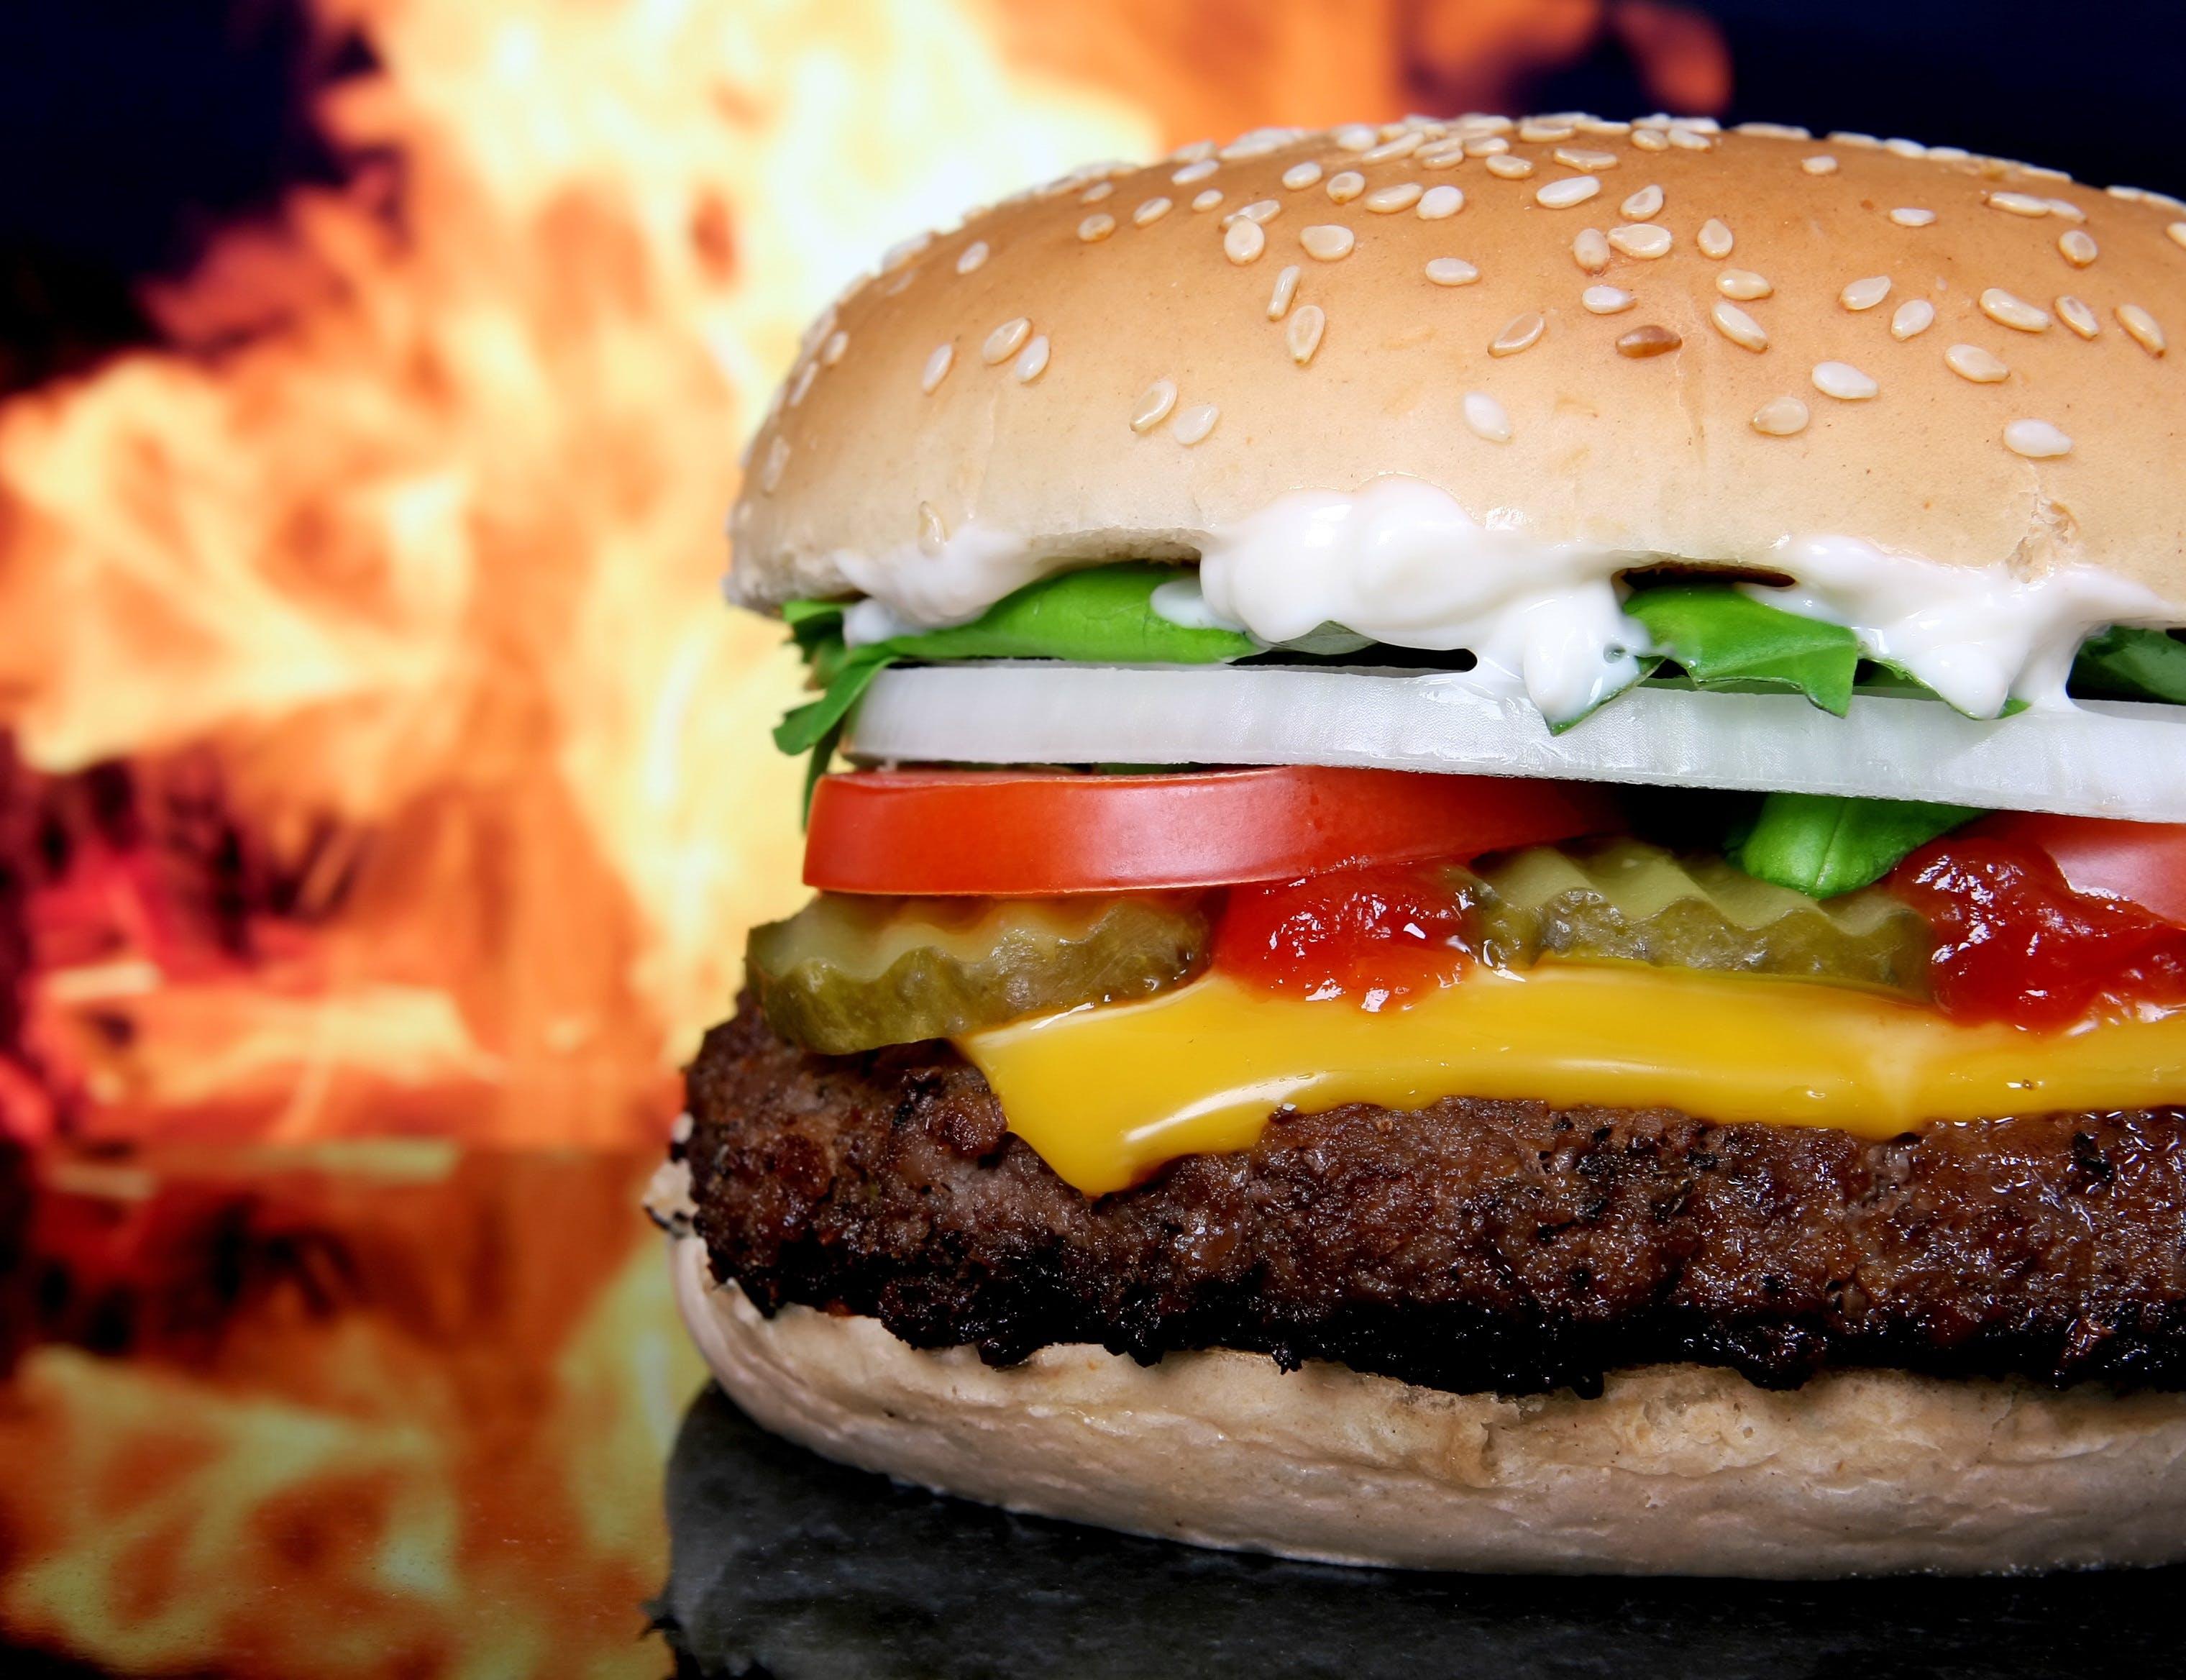 Kostenloses Stock Foto zu abendessen, burger, essen, flamme